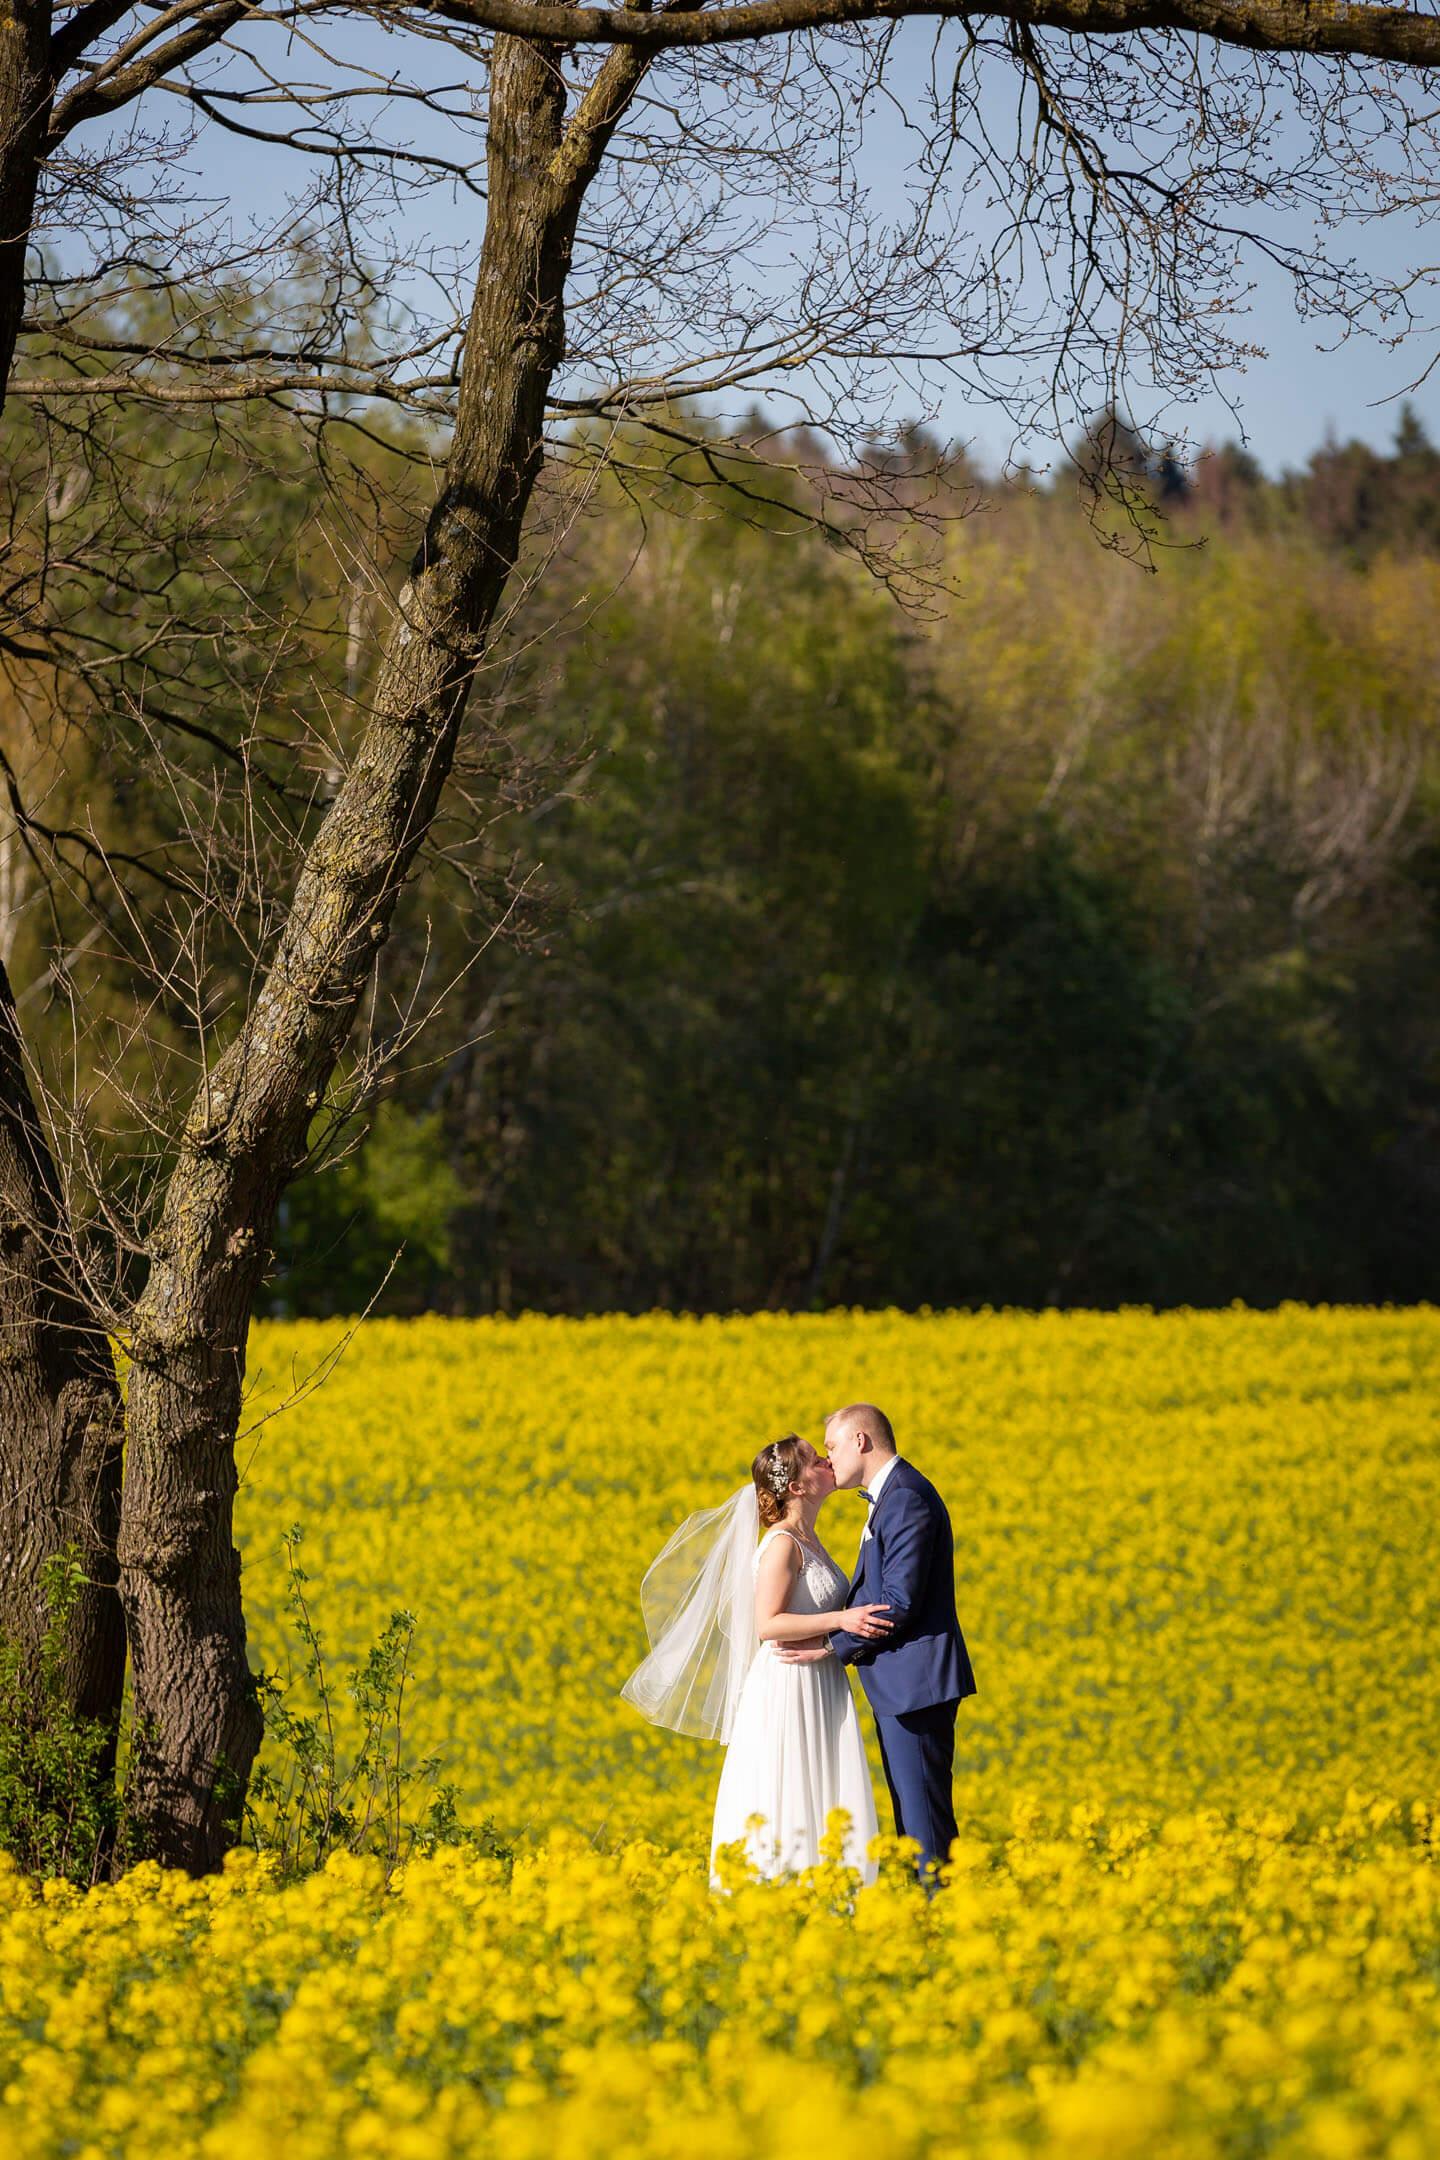 Hochzeitsfoto Rapsfeld